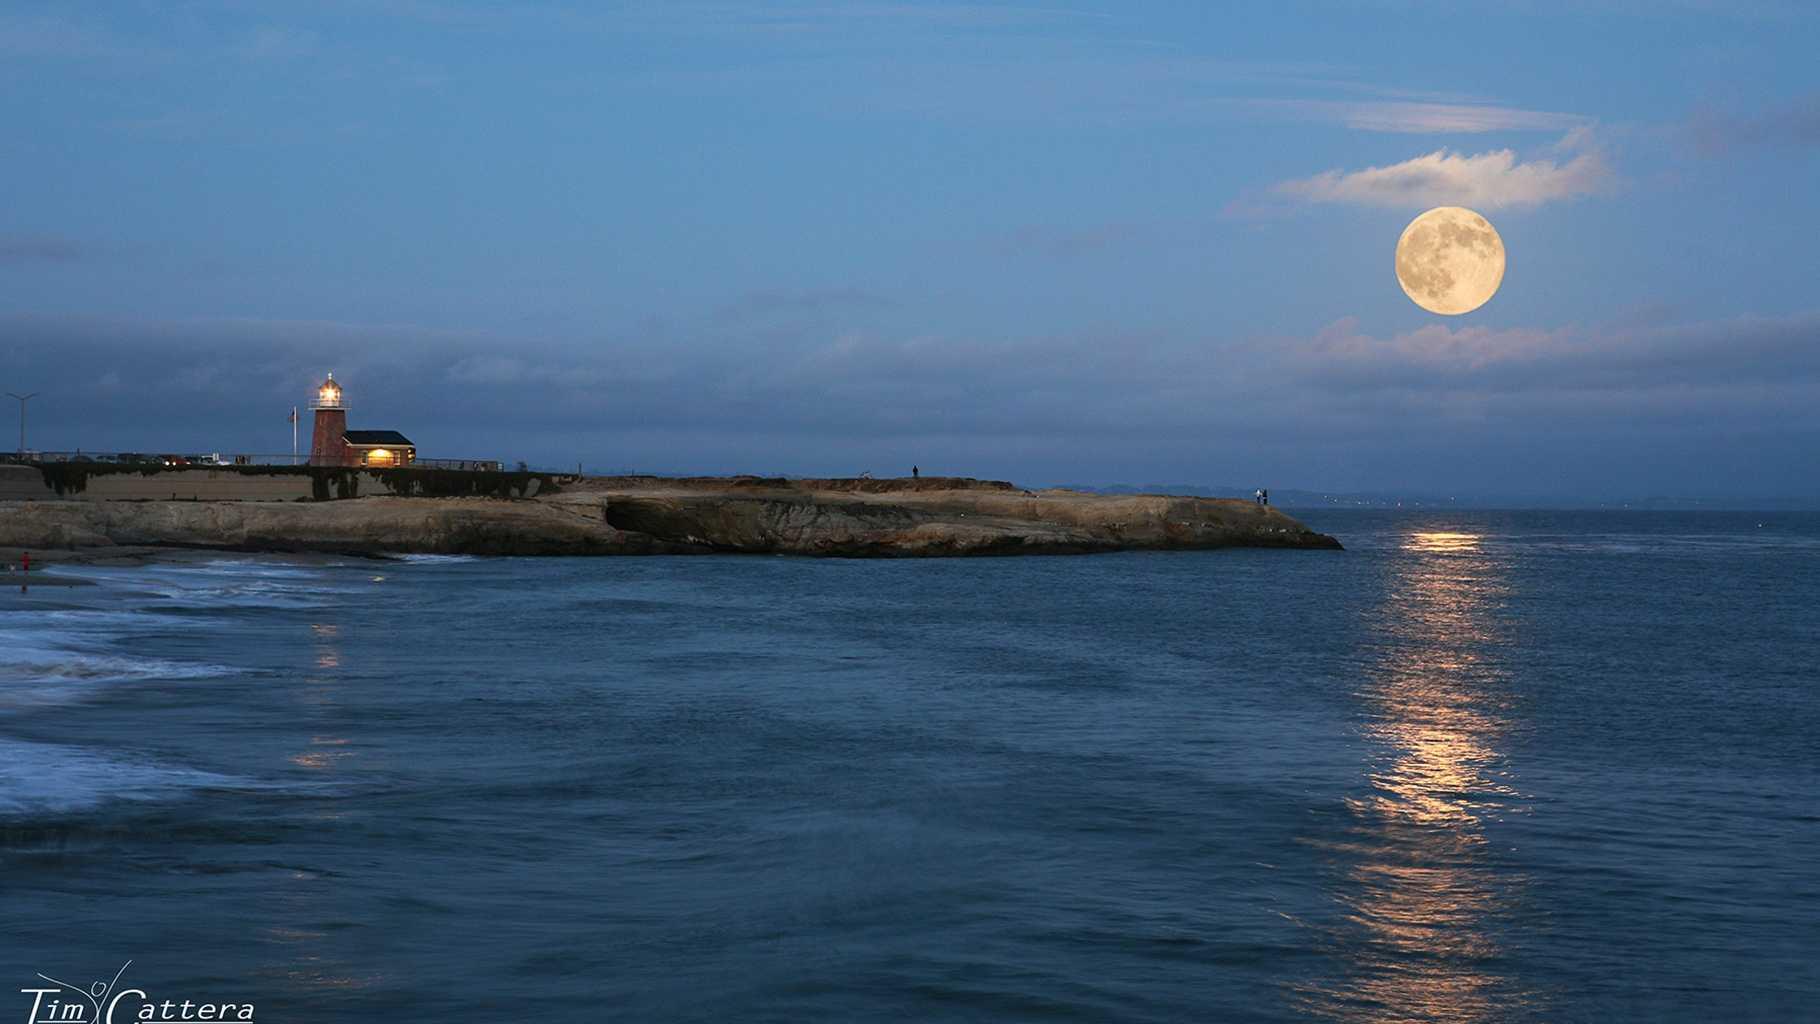 The supermoon is seen on Aug. 10, 2014 by the Santa Cruz lighthouse.